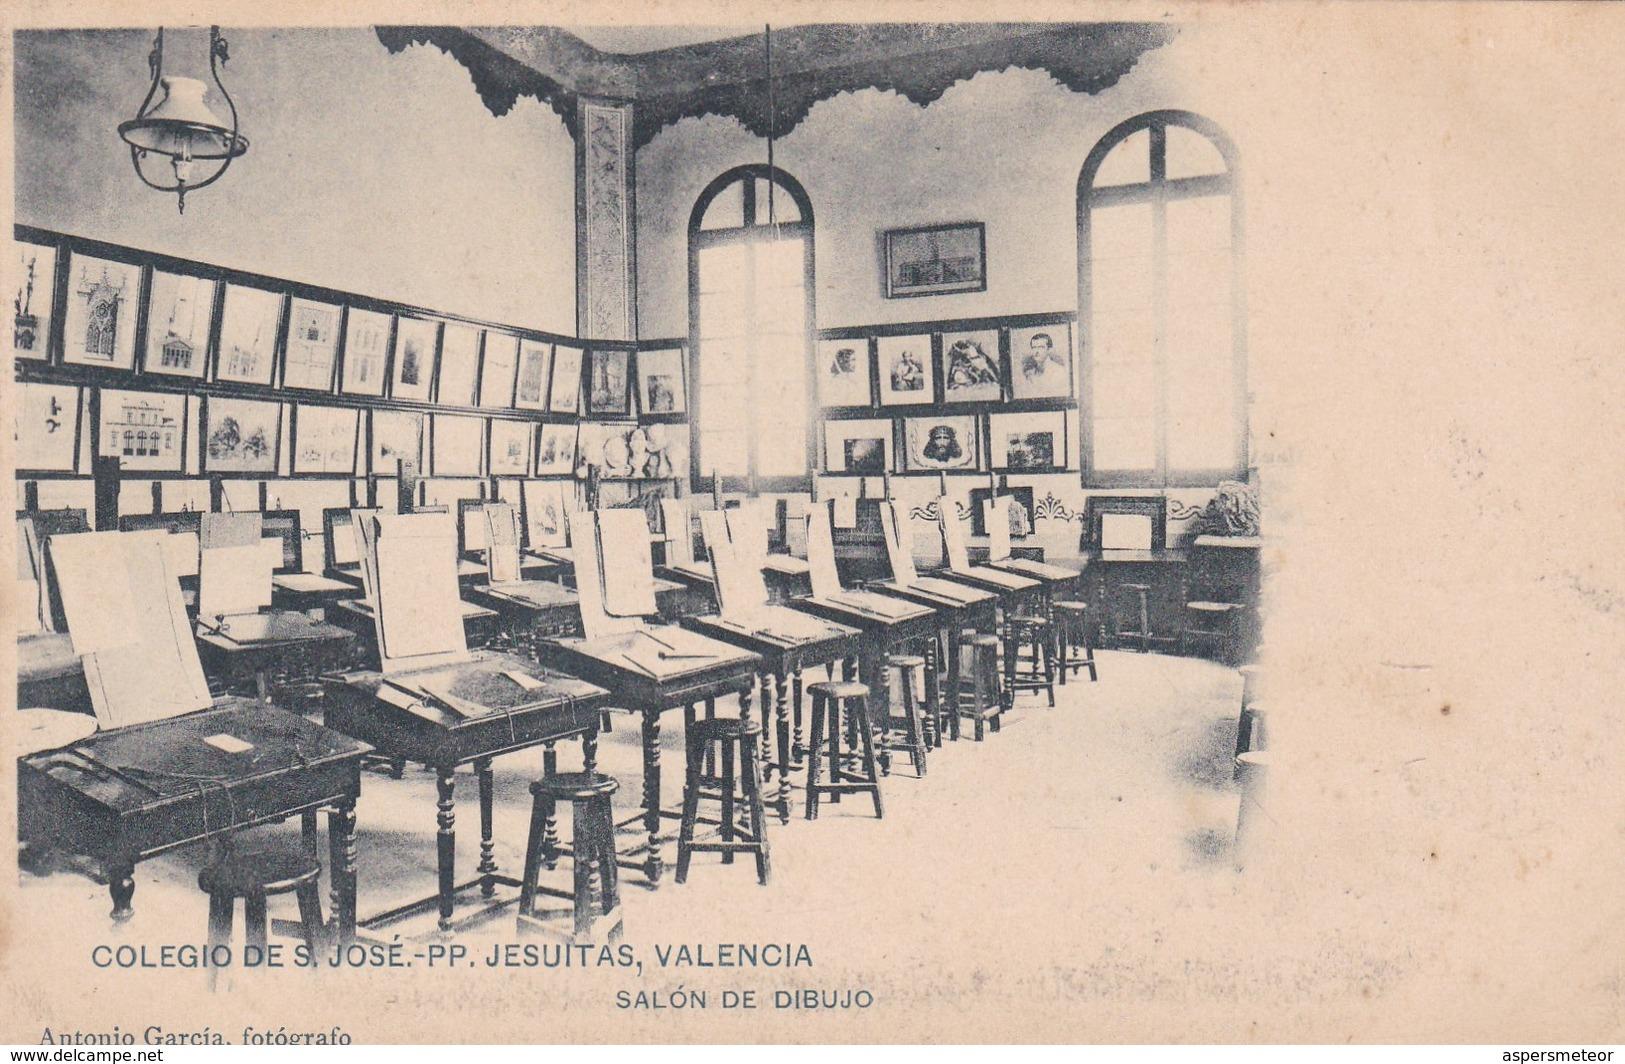 VALENCIA. COLEGIO DE S. JOSE PP JESUITAS. SALON DE DIBUJO. ANTONIO GARCIA FOTO. HAUSER Y MENET. CPA CIRCA 1910s - BLEUP - Valencia